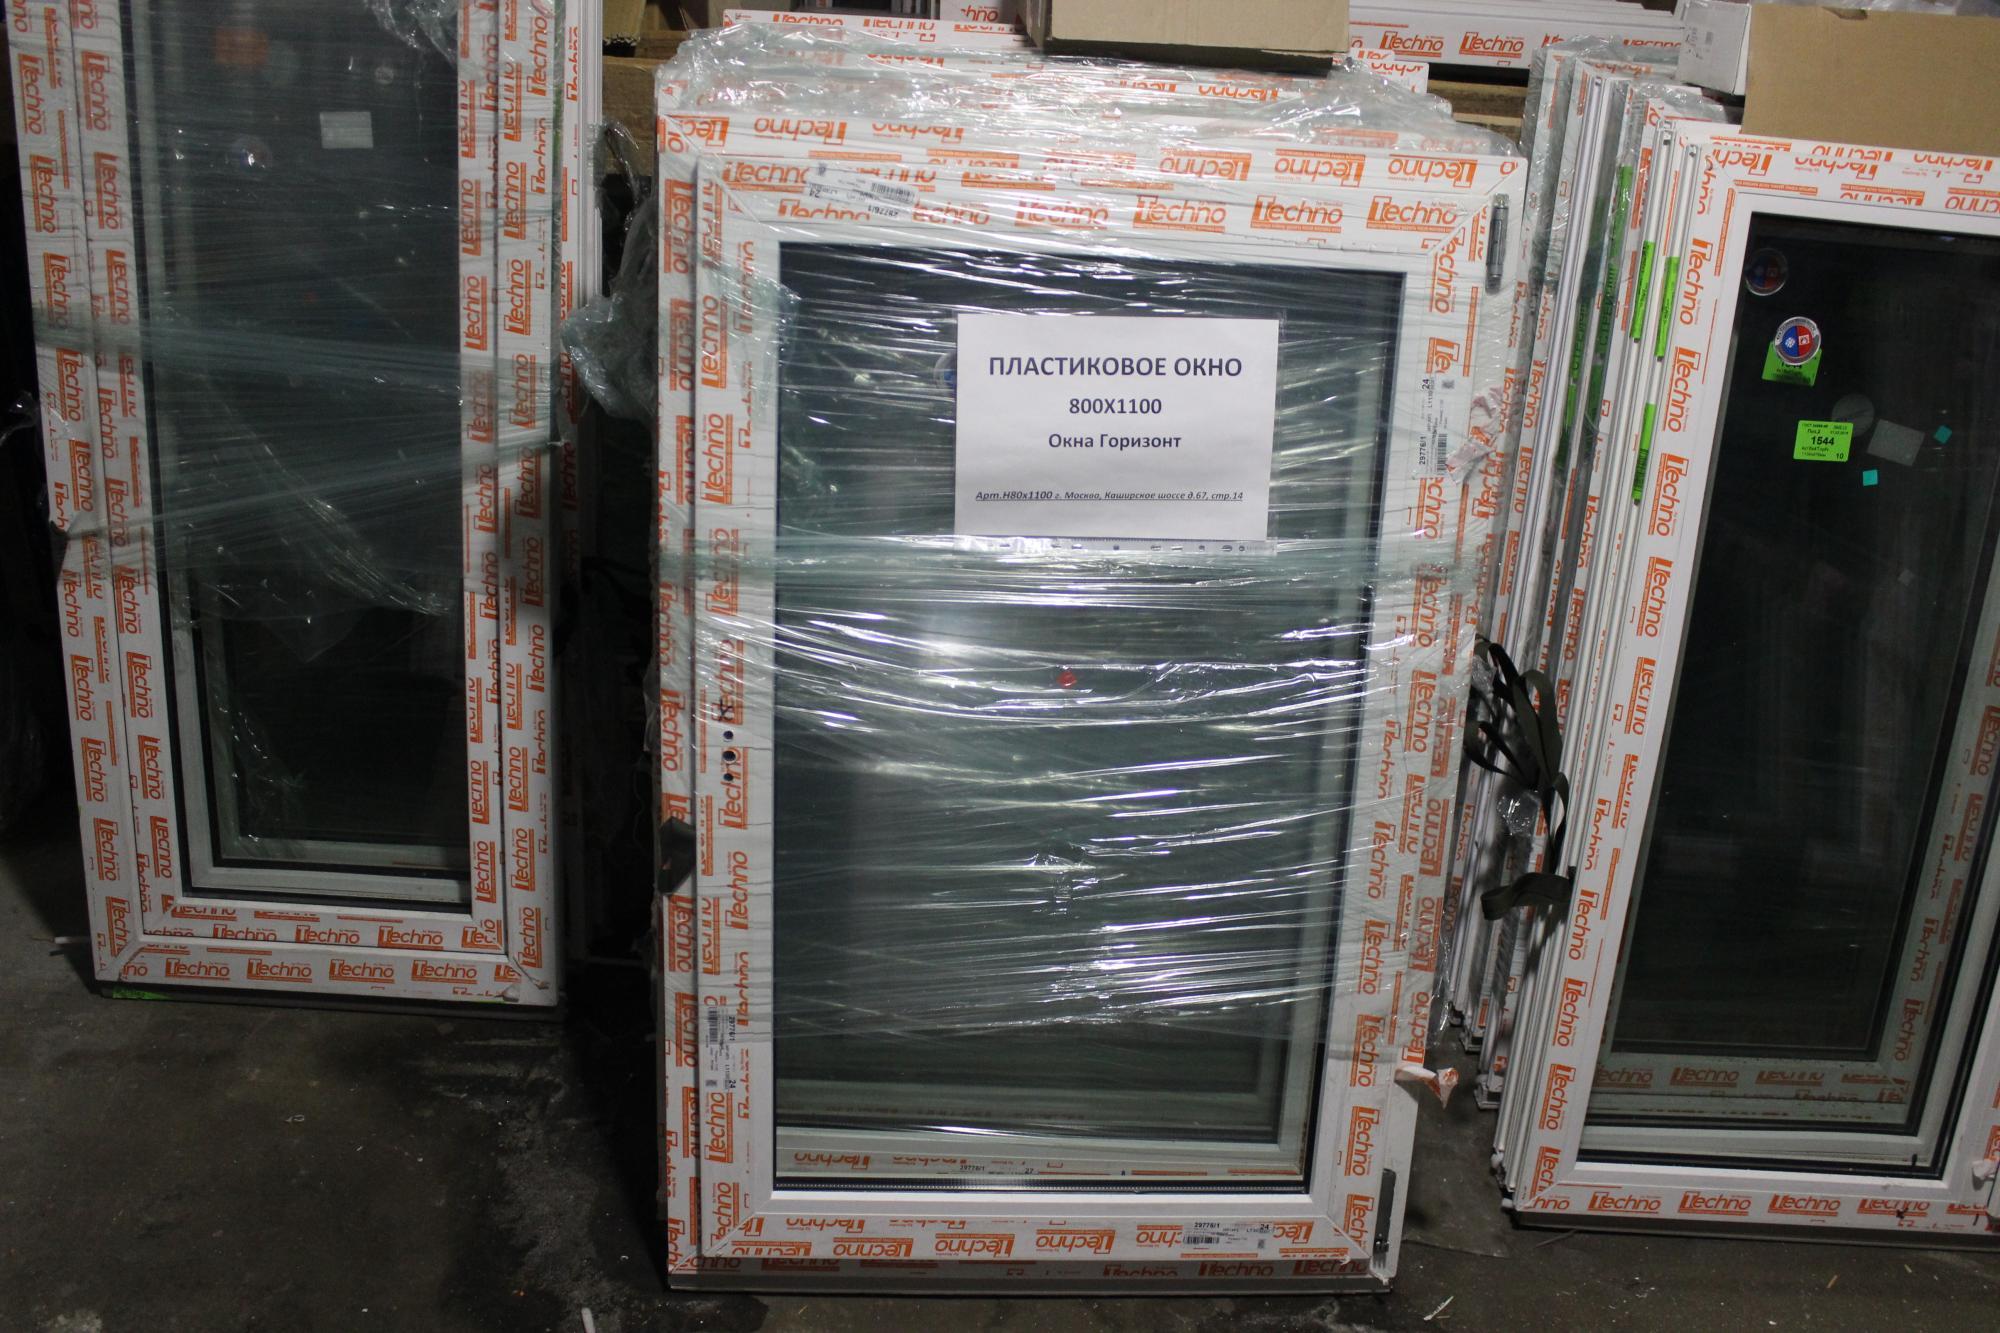 Готовое окно одностворчатое 800x1100 (ШxВ) в Москве 89253899134 купить 1